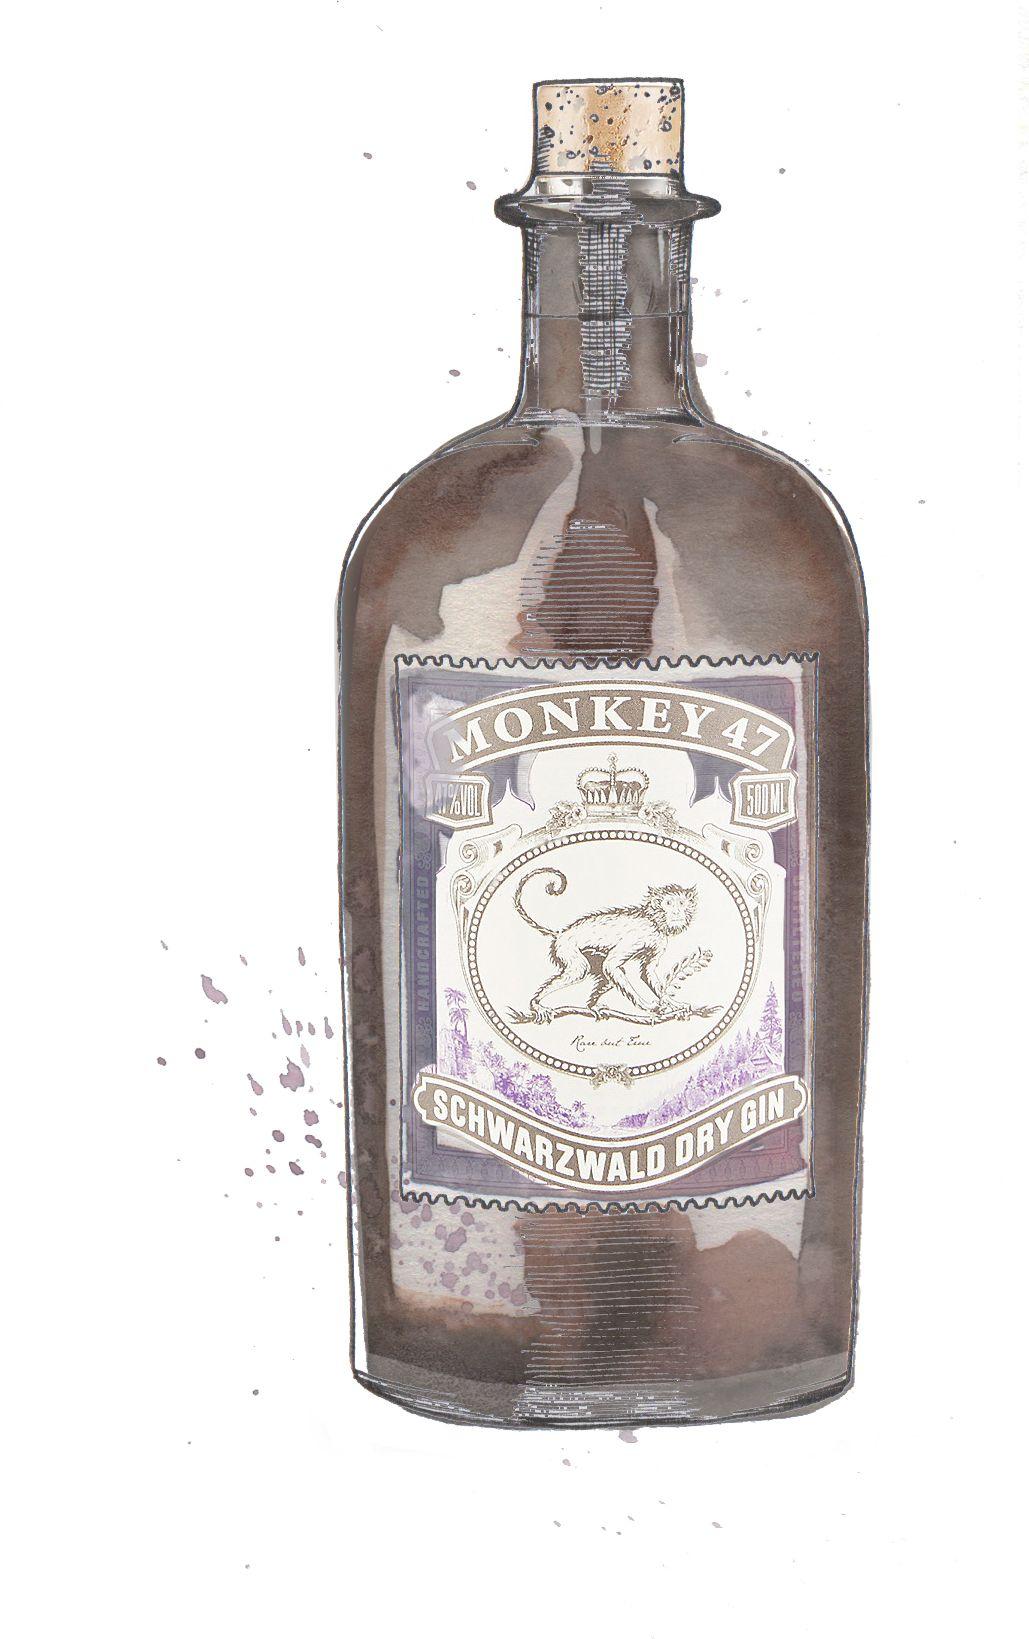 De Winton Paper Co Gin Illustration Monkey 47 Gin Eat Amp Drink Gin Bottles Watercolor